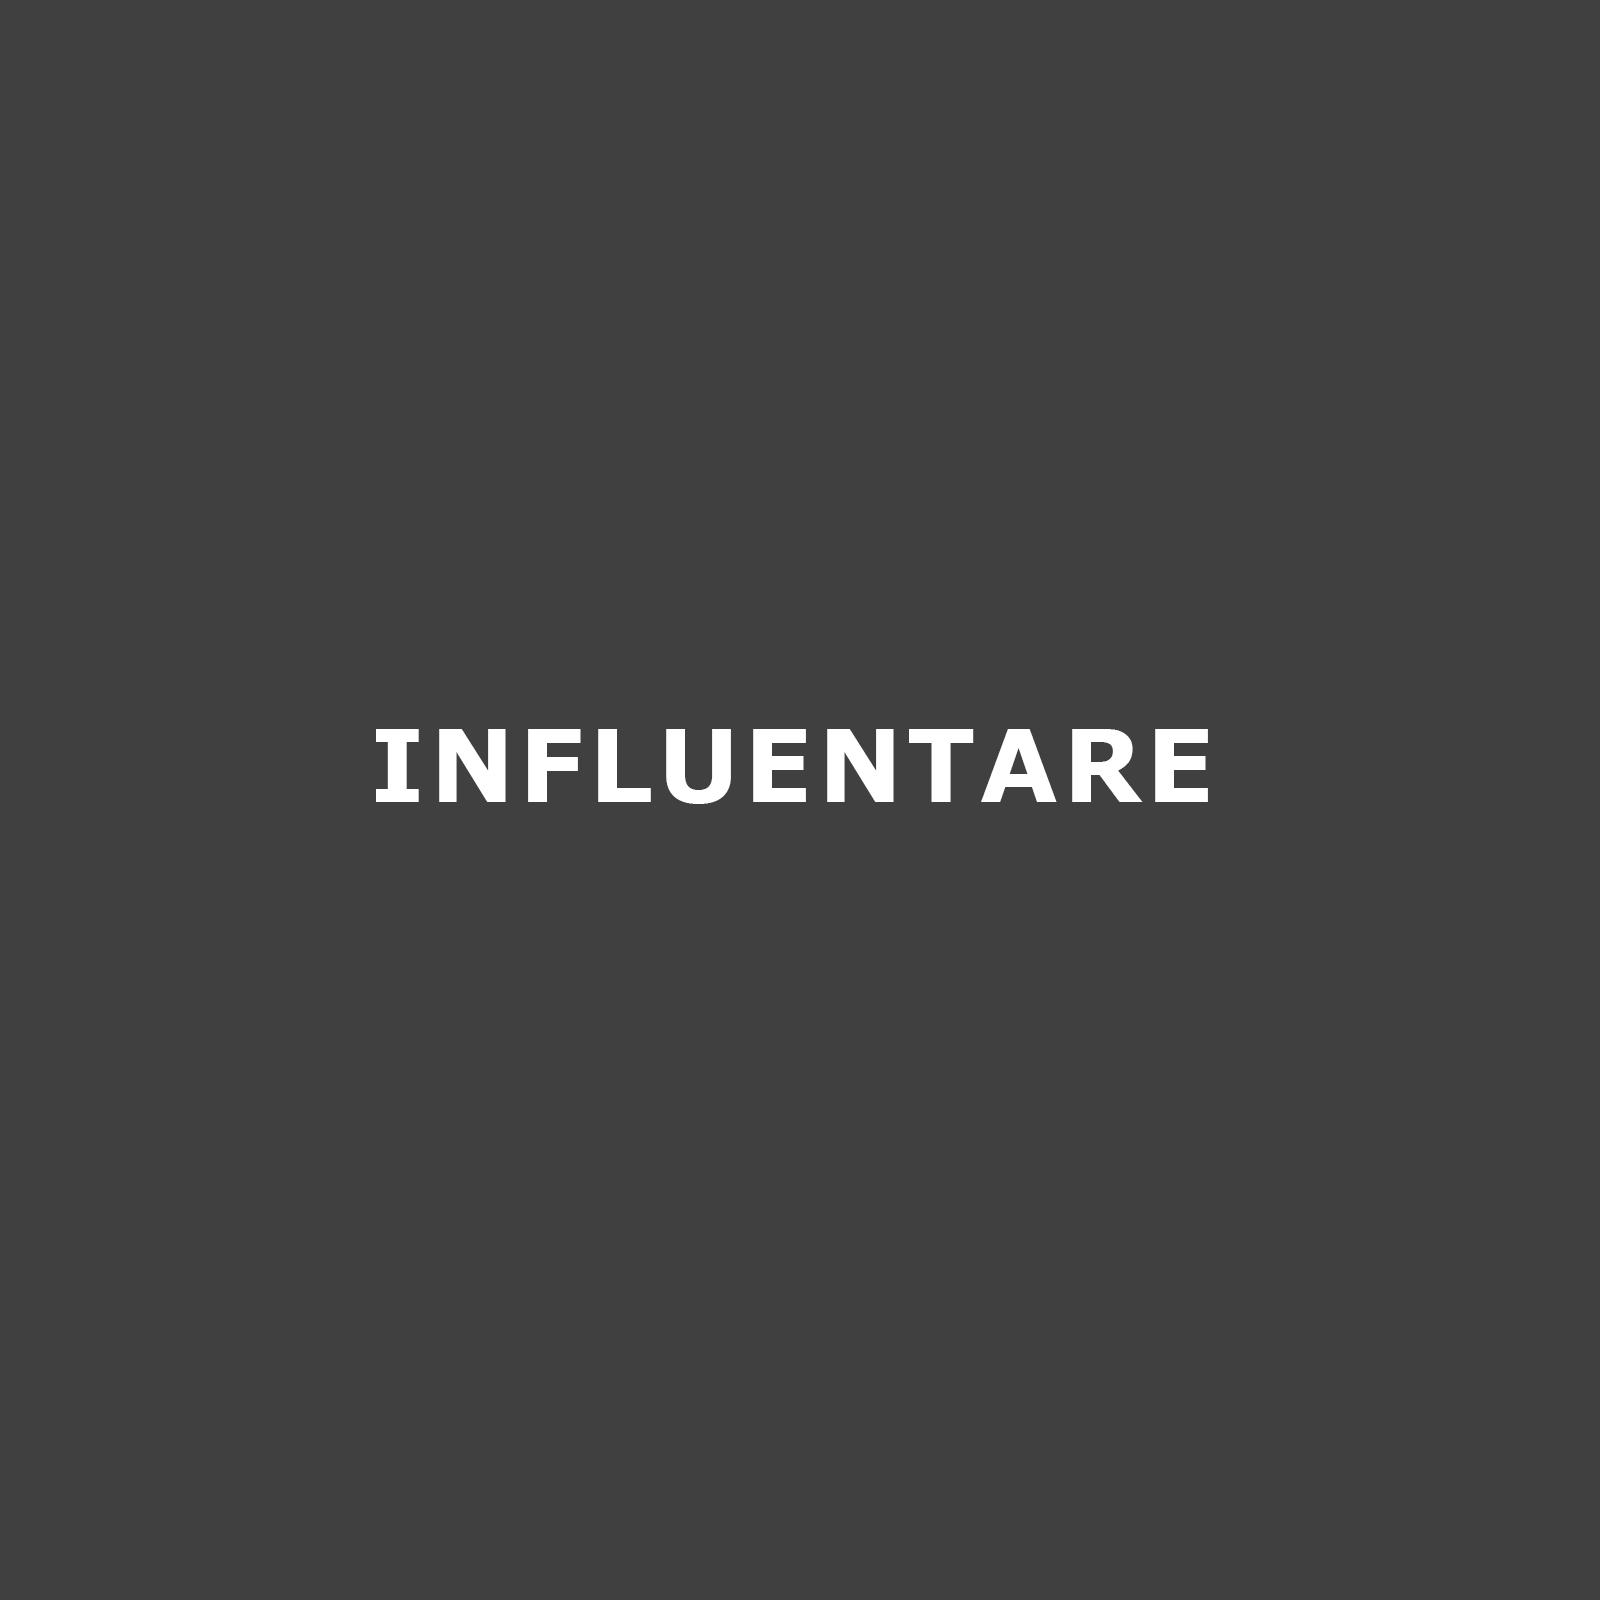 Influentare